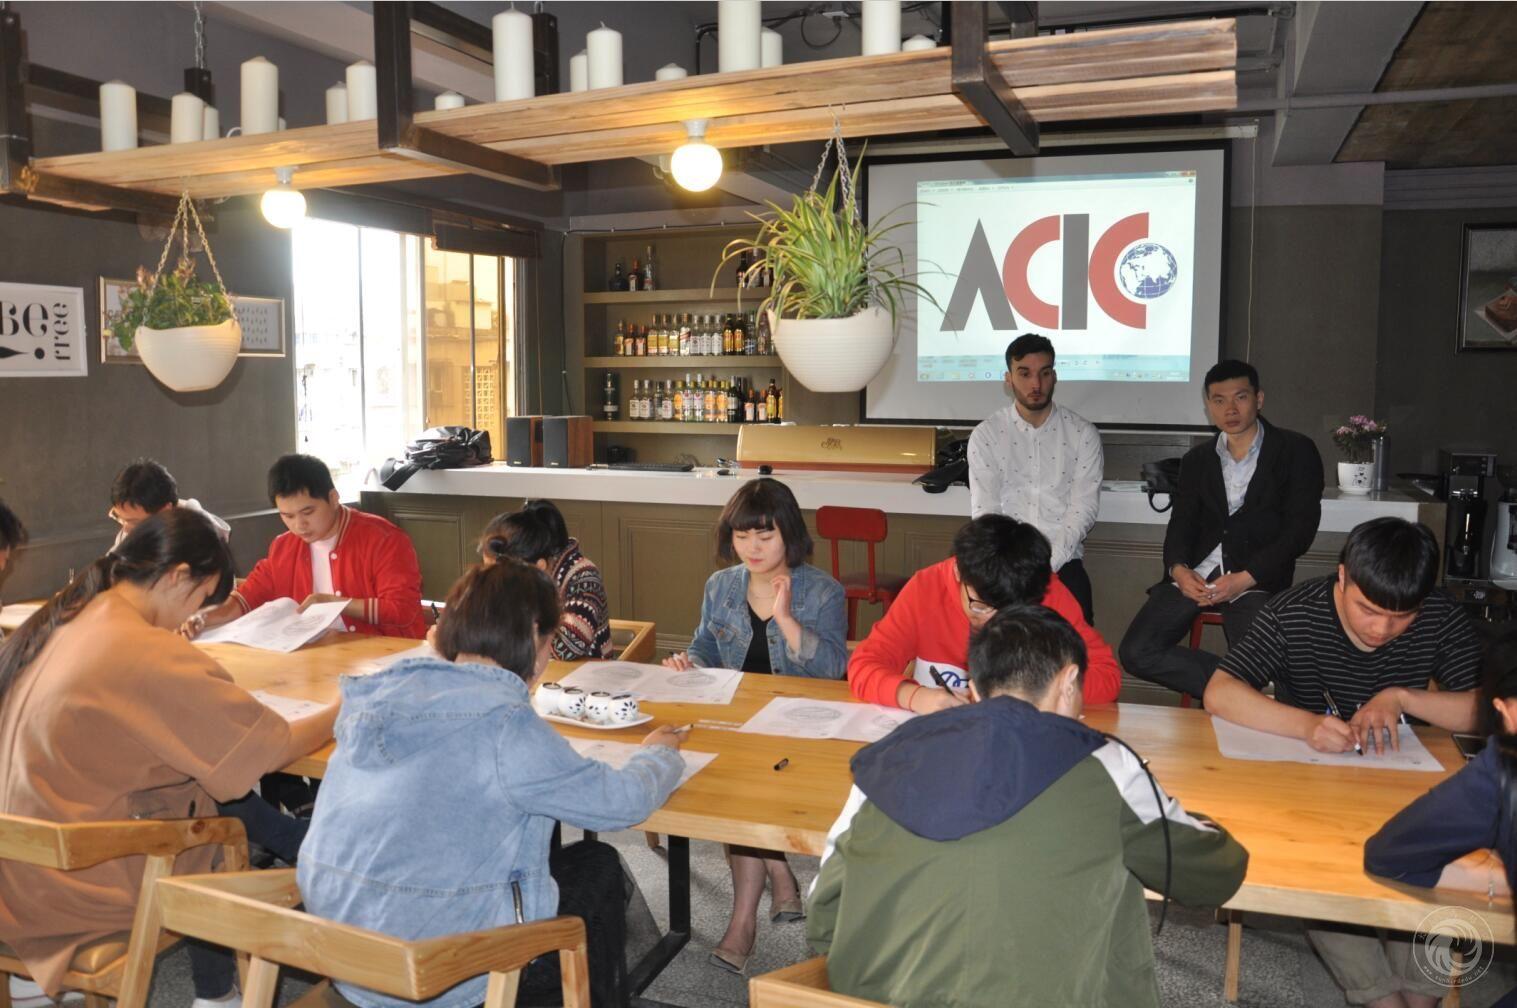 太阳鸟学校ACIC国际咖啡师 西点师证书考试顺利完成